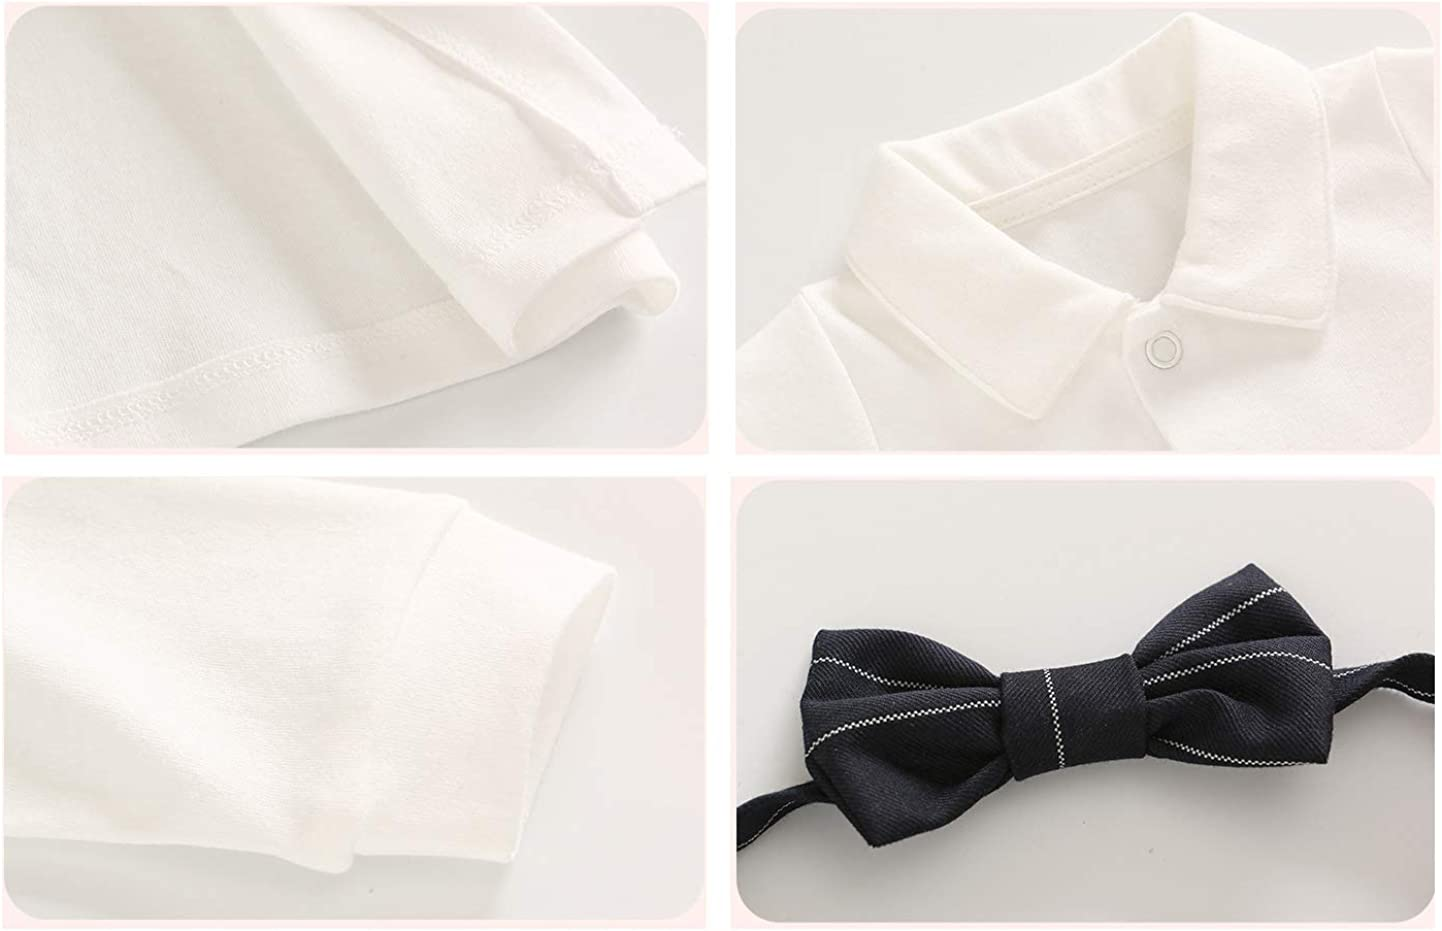 ZIHUOKIJ 2 Unids Niño bebé Hidalgo Equipar Conjunto Camisa Blanca con Lazo y pantalón de Liga Size 90(12-18Meses) (White): Amazon.es: Ropa y accesorios